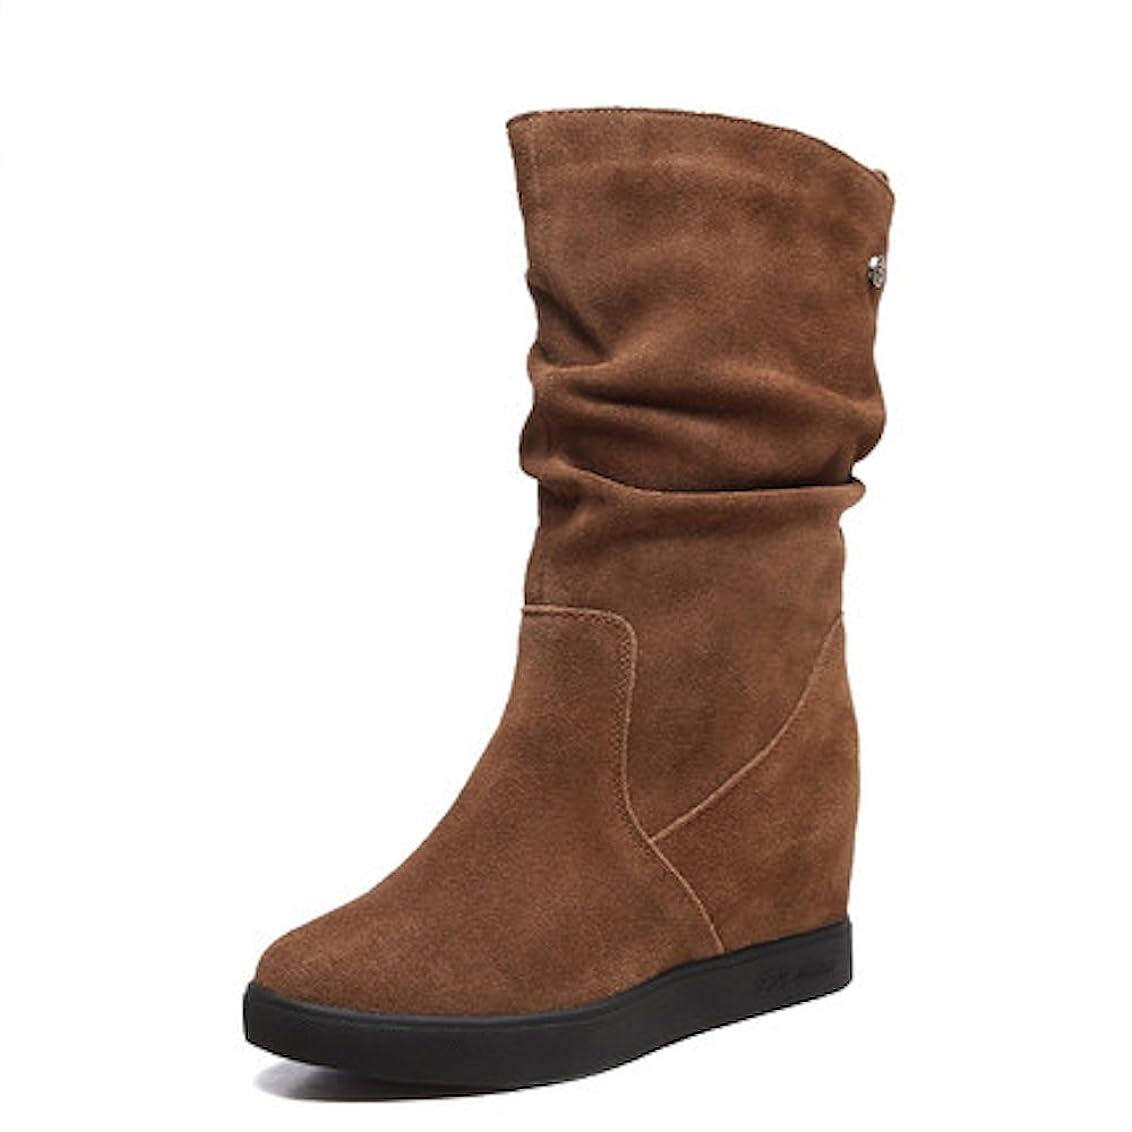 病なジャム関連するブーツ ショートブーツ レディース ウォーキングシューズ 靴 カジュアル 軽量